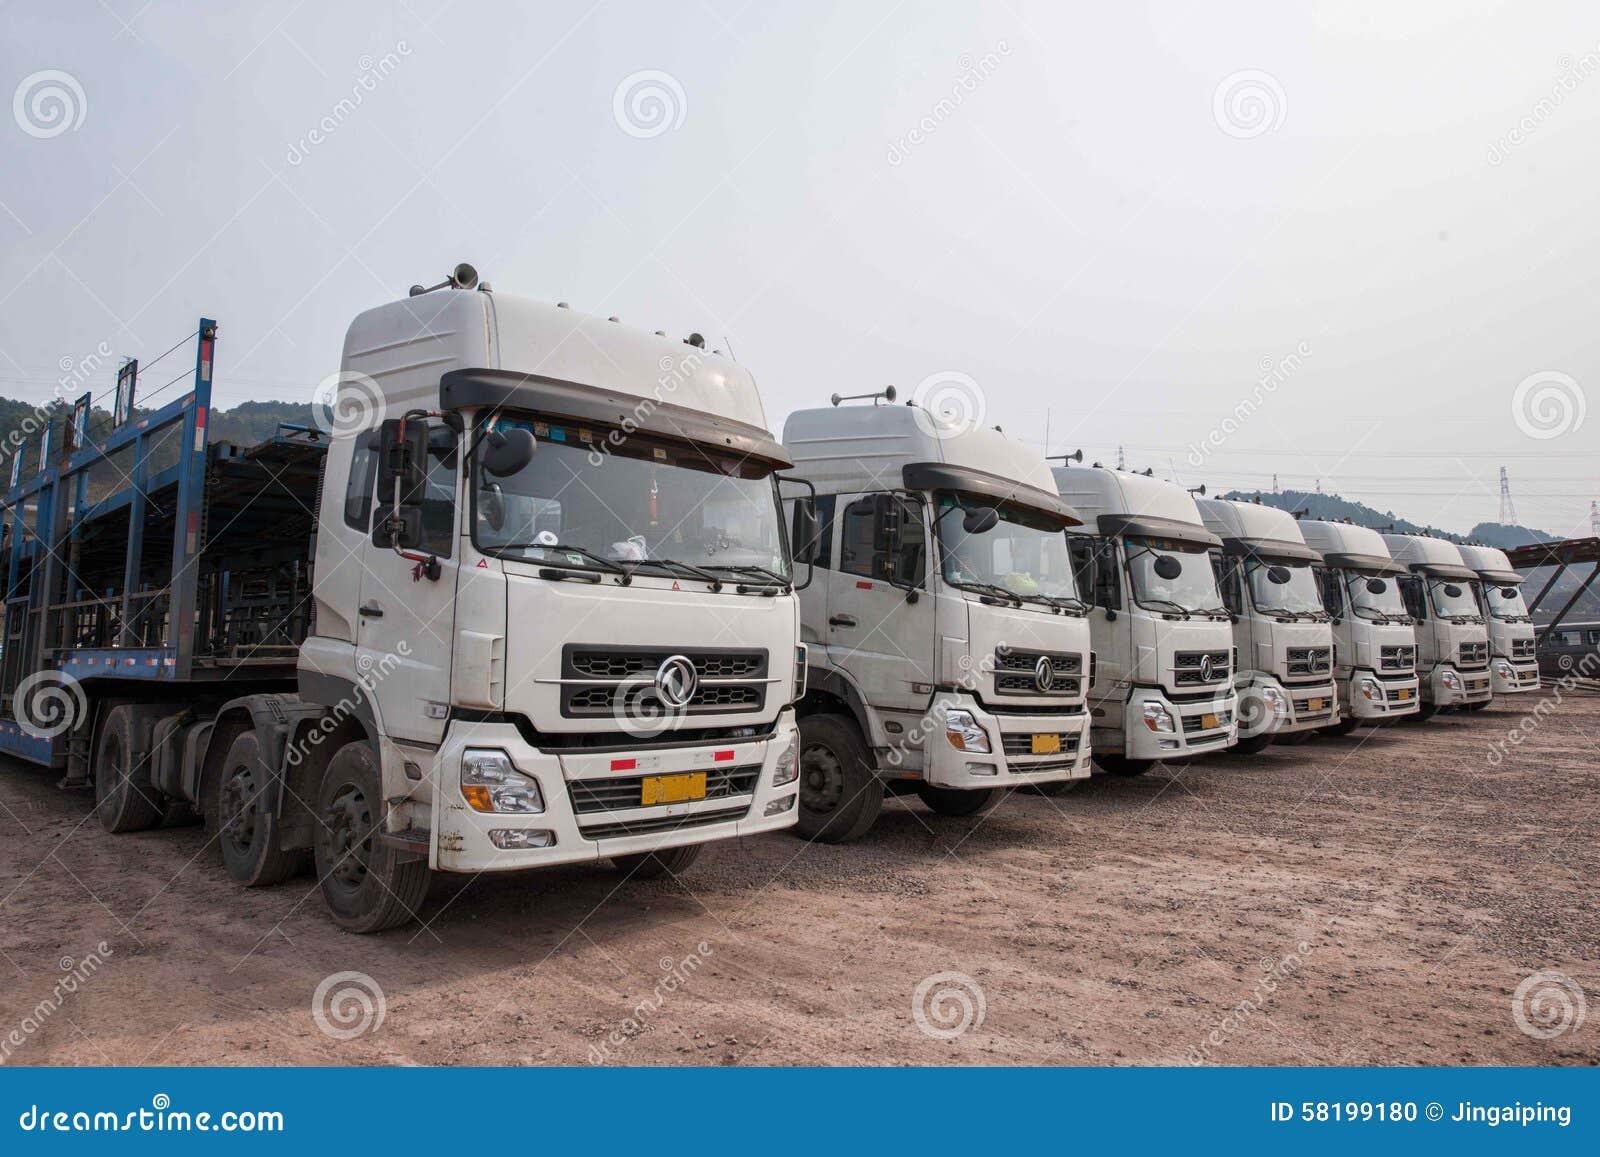 Chongqing changan minsheng logistics chongqing branch for Unite motor co ltd